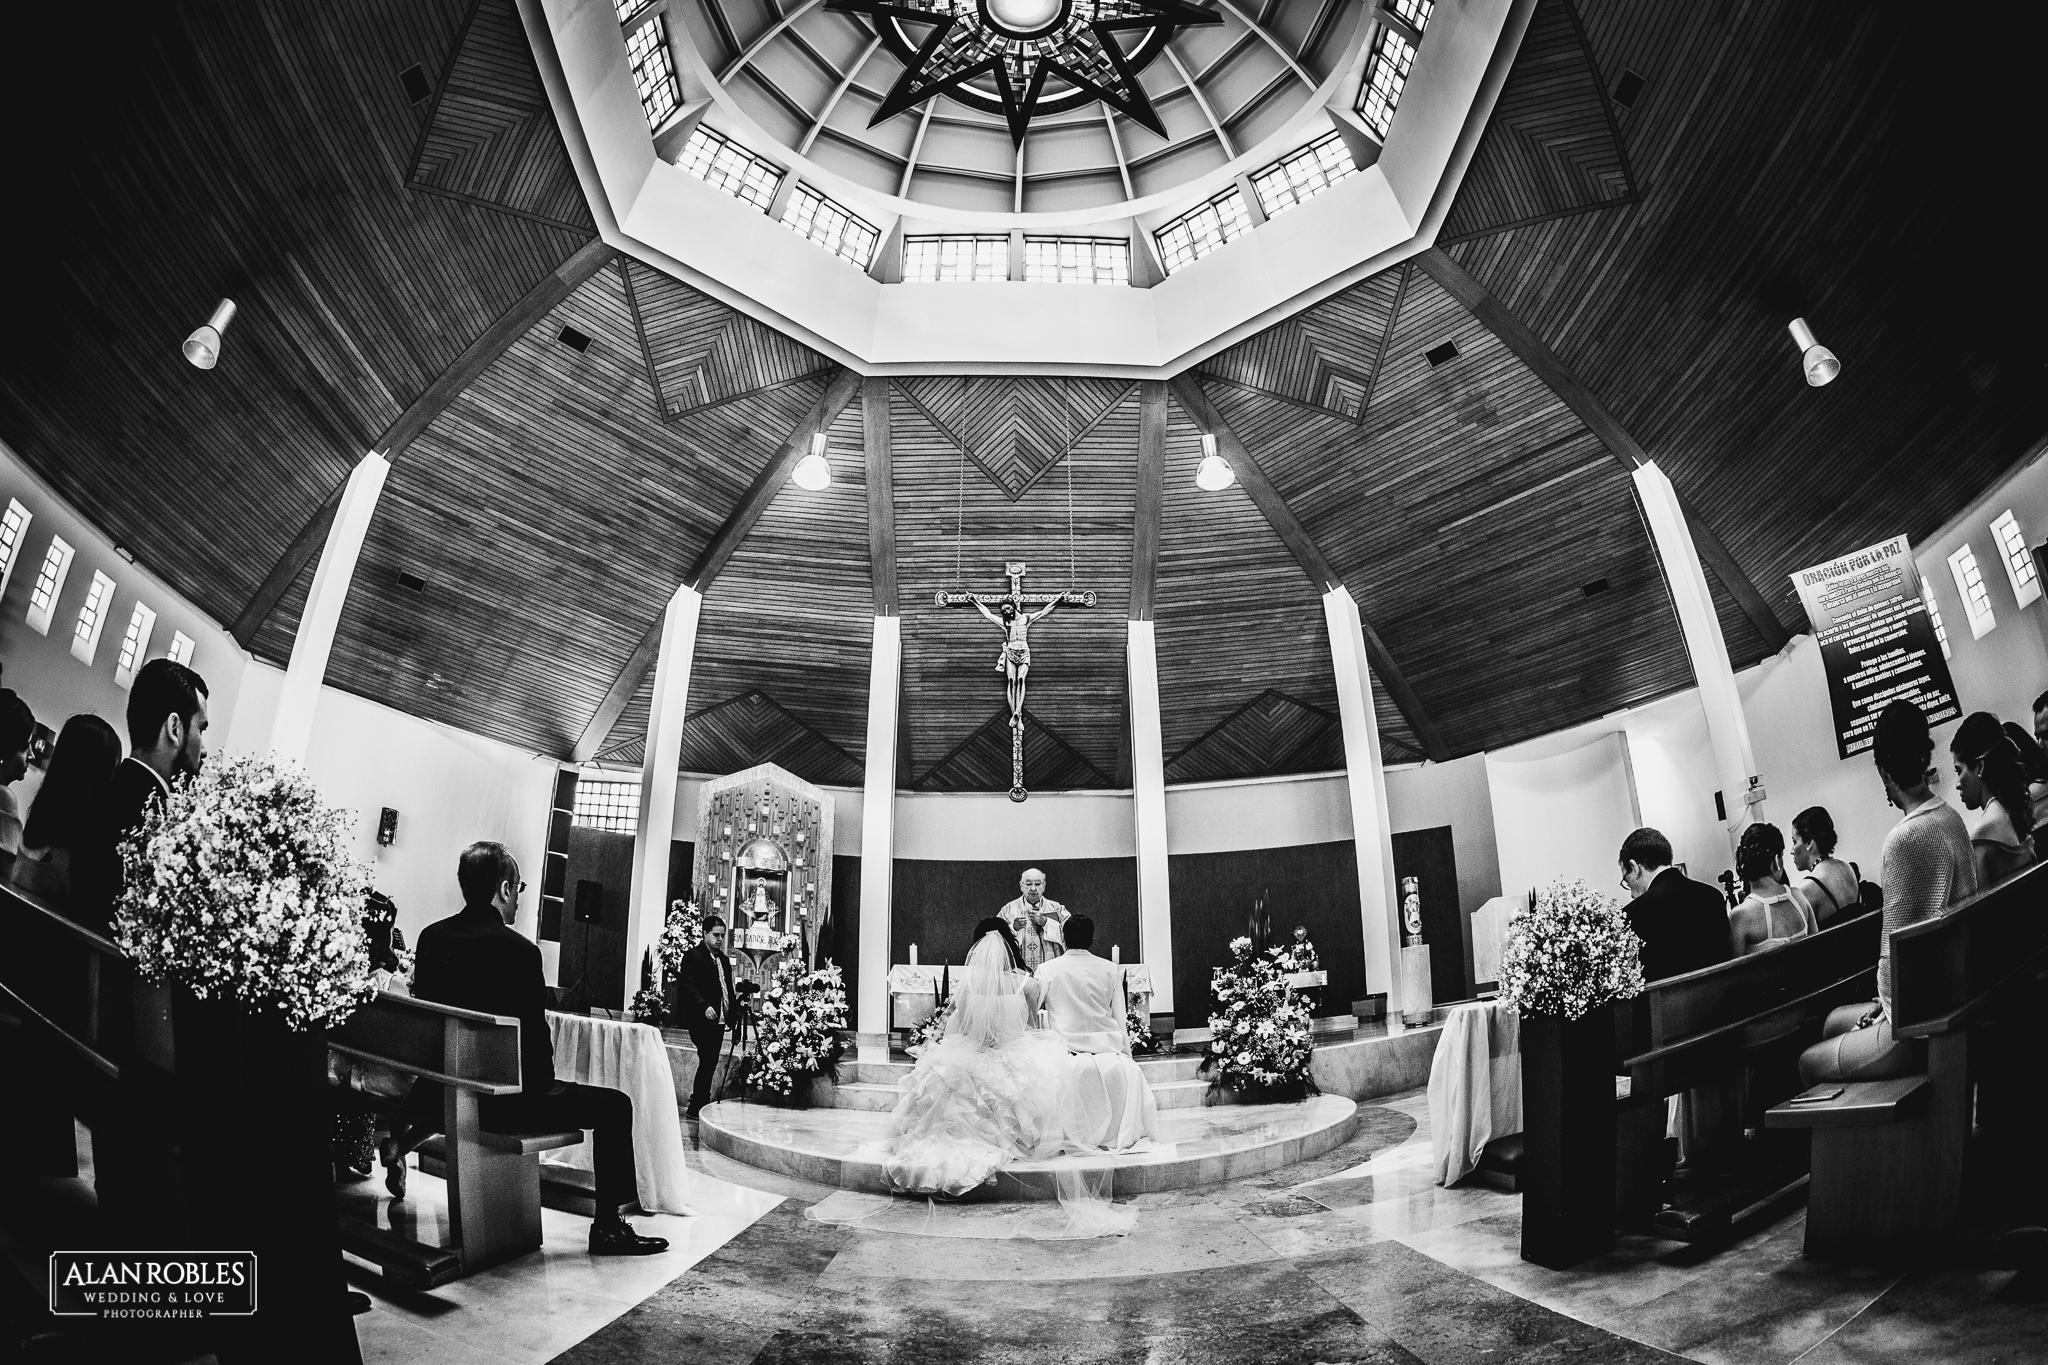 Novios en el altar casandose en Parroquia de Nuestra señora de las bugambilias. Fotografia de Boda. Vista del interior. Mejor fotografo de bodas Alan Robles en Guadalajara. Las mejores fotos de boda en mexico.